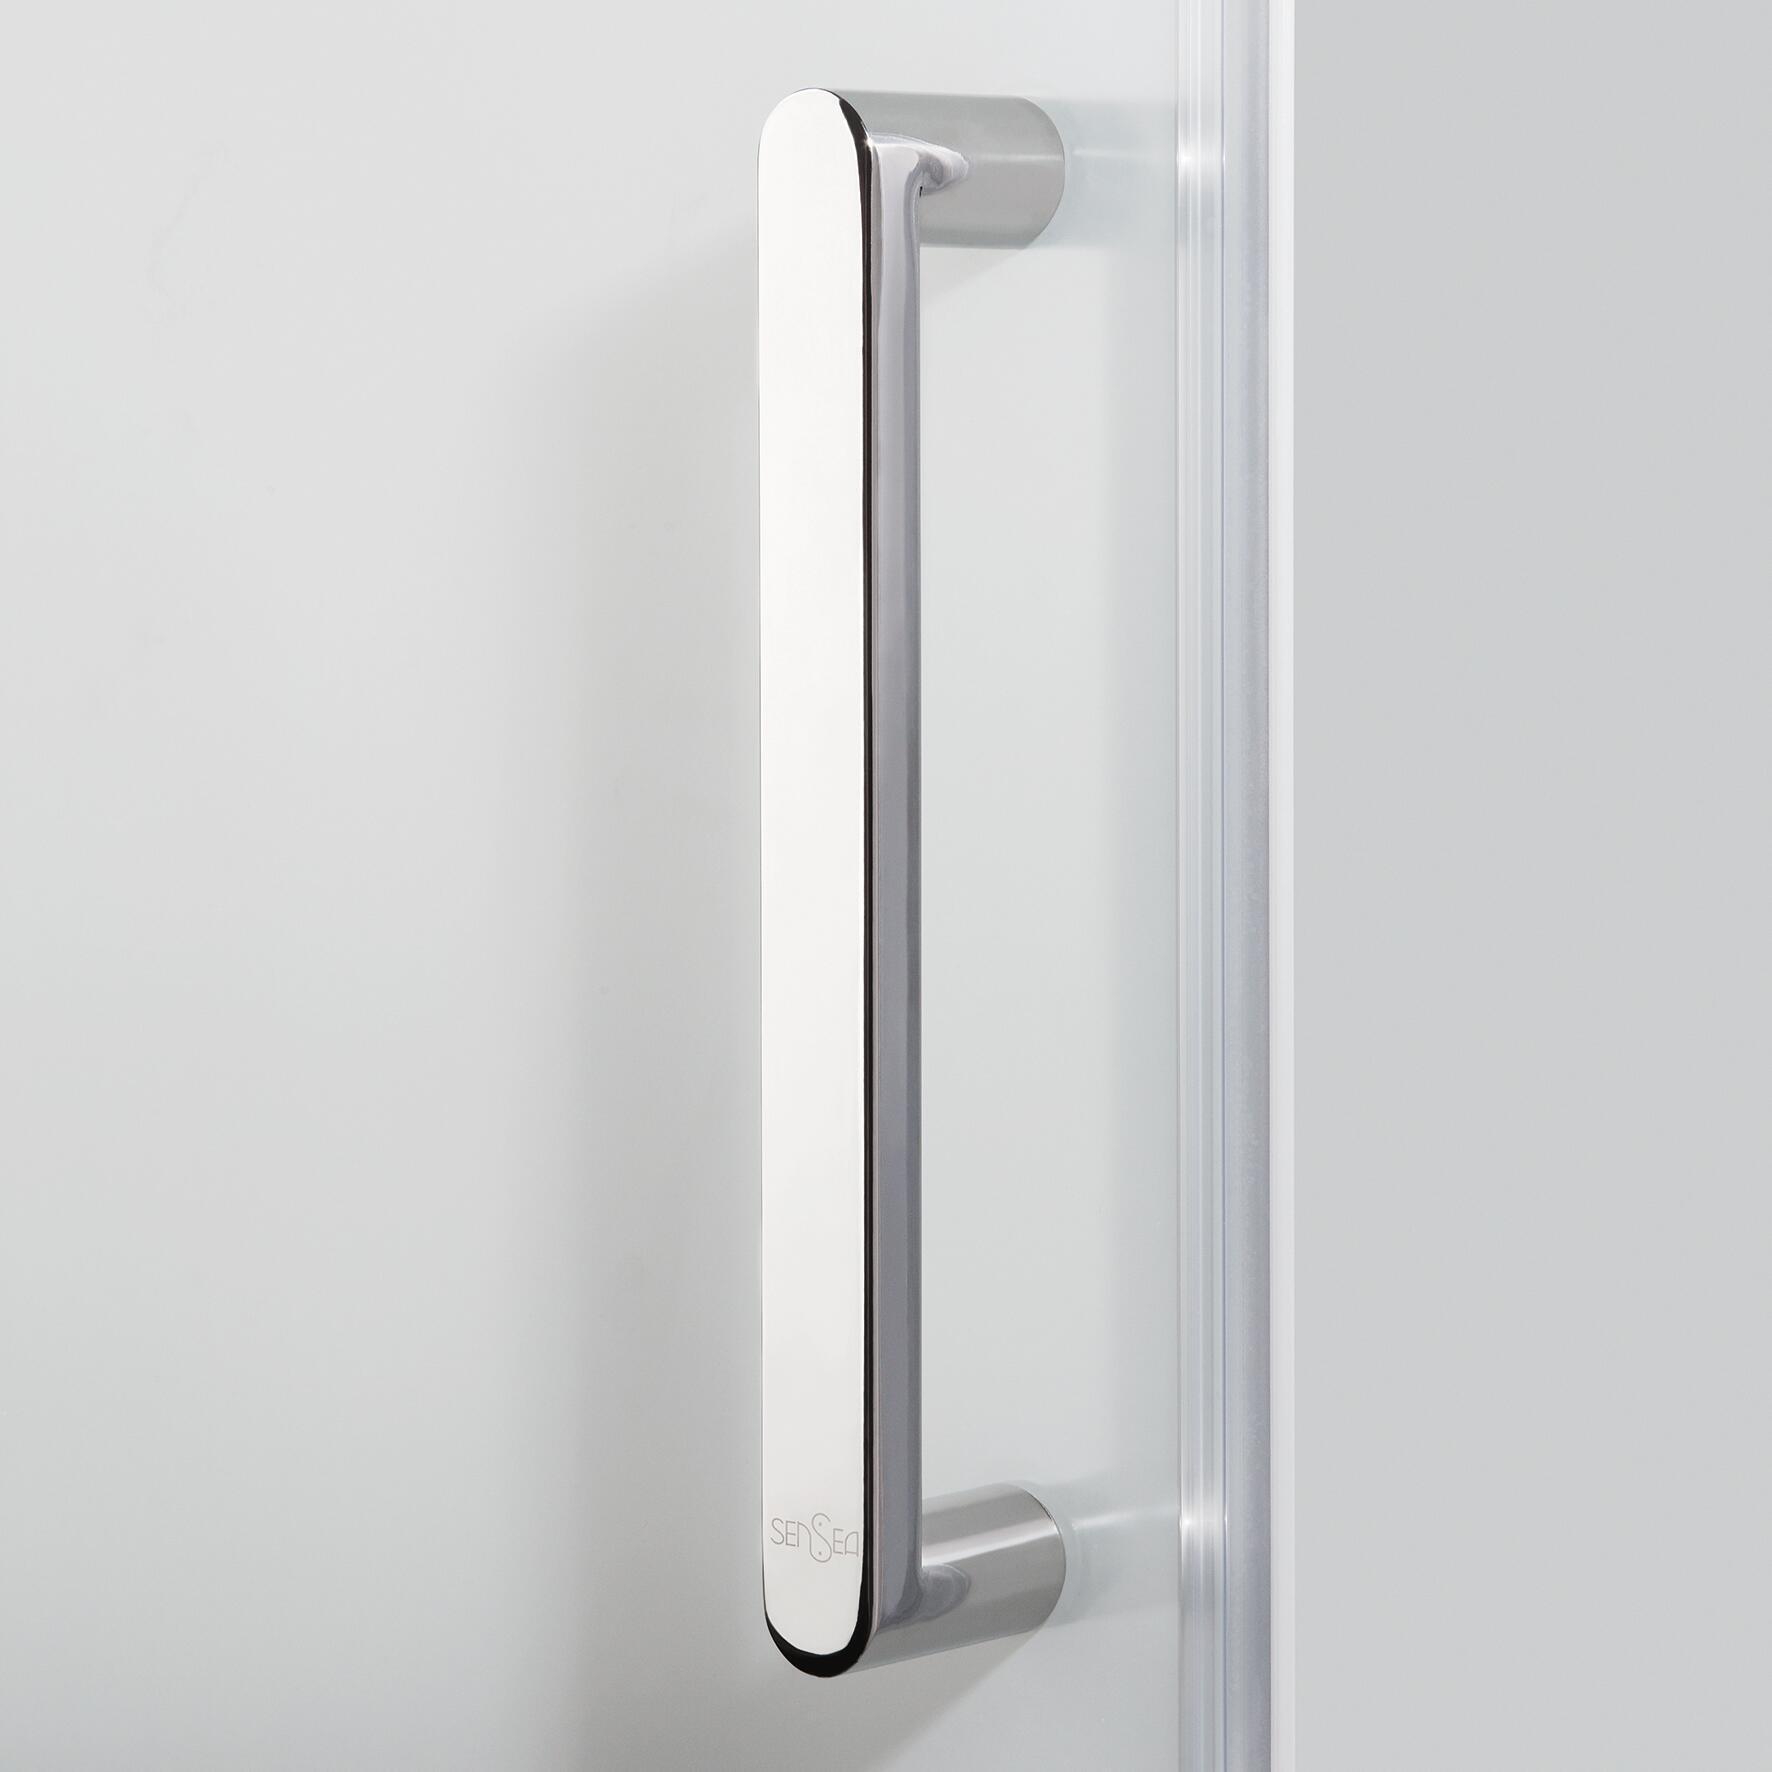 Box doccia rettangolare scorrevole Quad 80 x 100 cm, H 190 cm in vetro temprato, spessore 6 mm serigrafato argento - 2